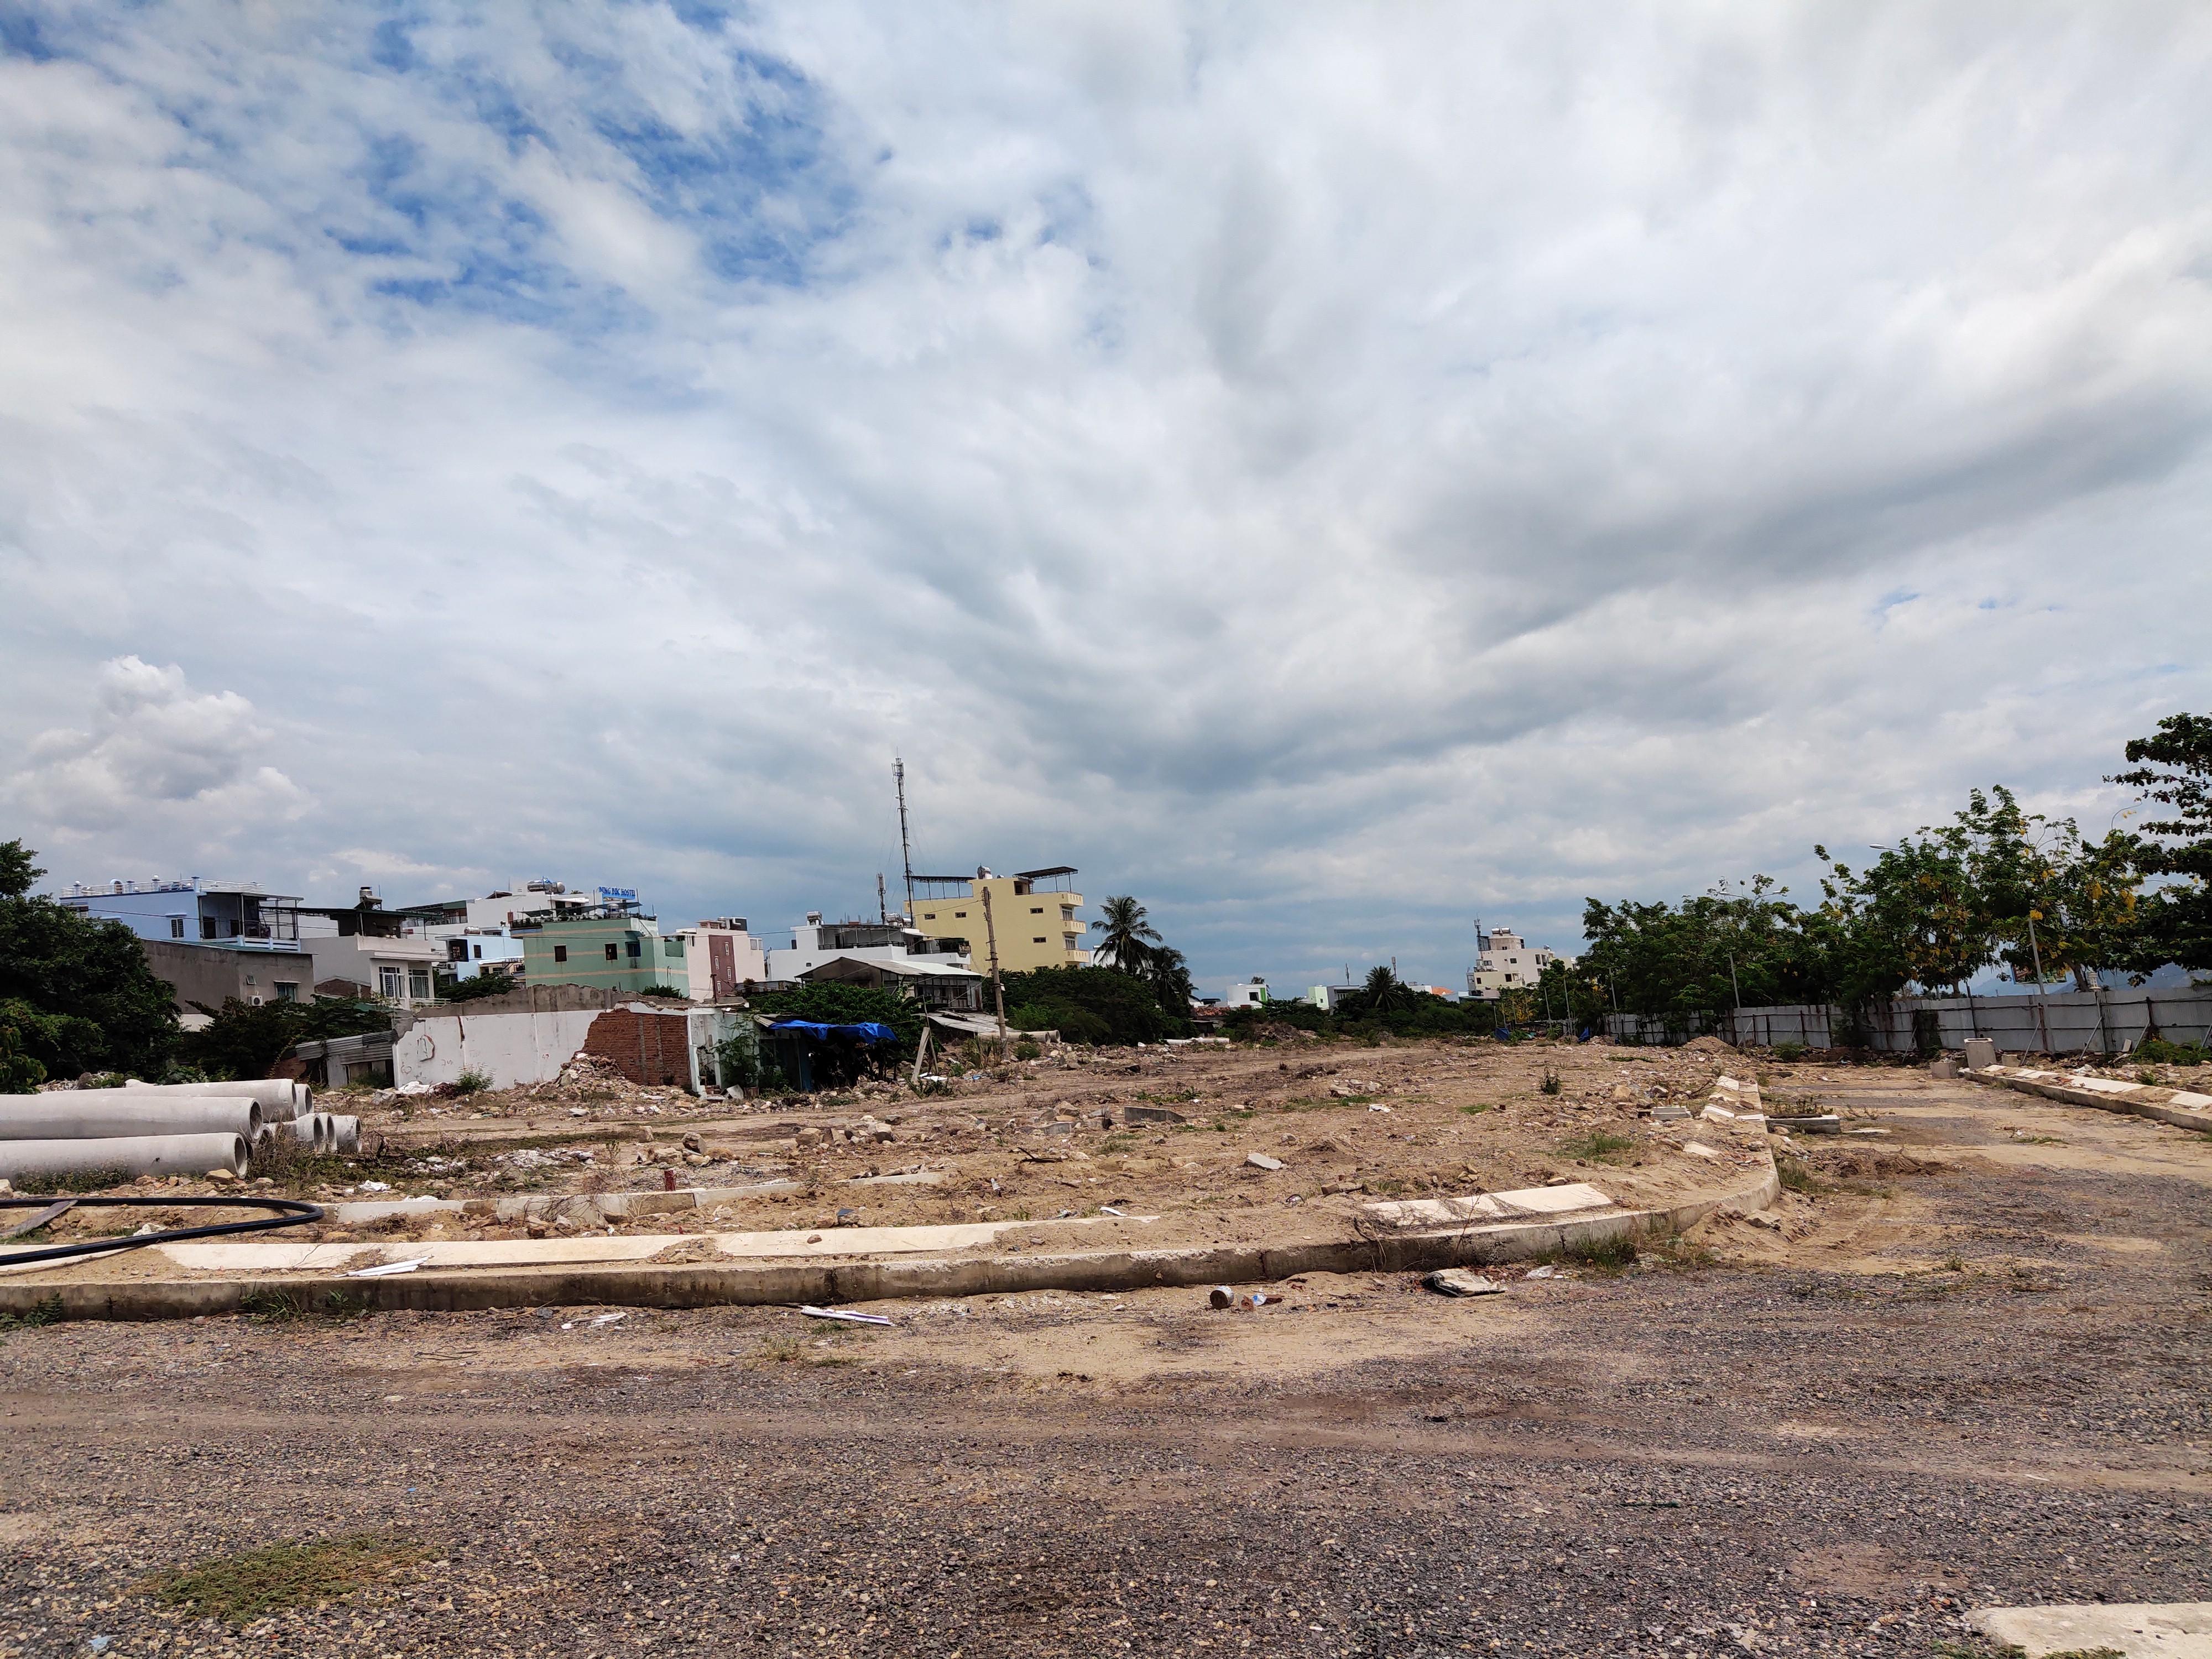 Khánh Hòa lần thứ 9 điều chỉnh qui hoạch 1/500 Khu dân cư Cồn Tân Lập - Ảnh 2.